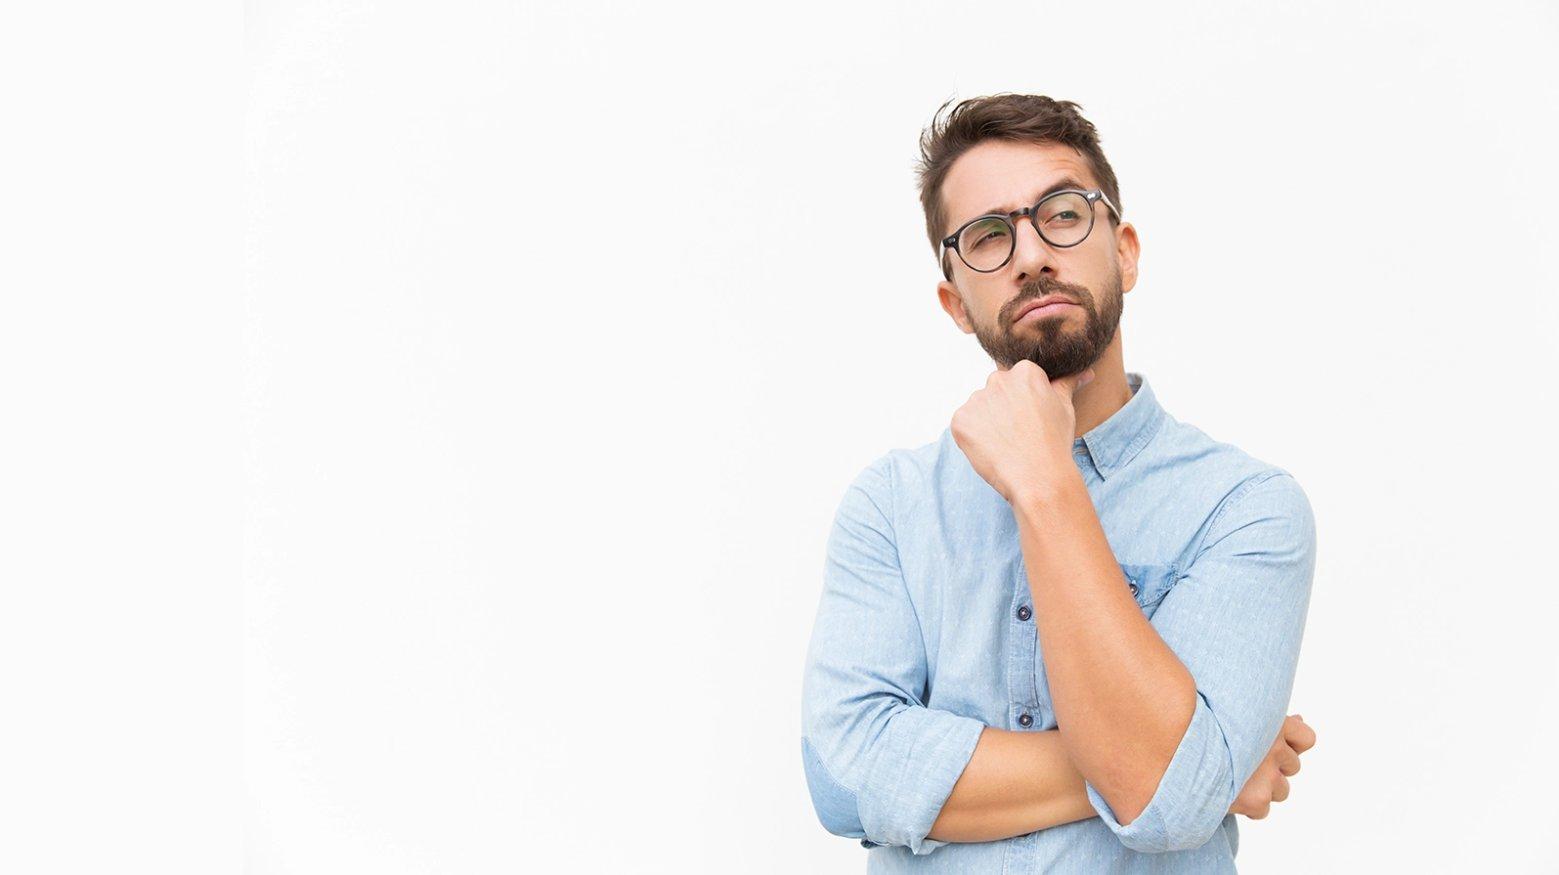 11 советов, как развить интуицию и всегда быть в нужное время в нужном месте фото 3